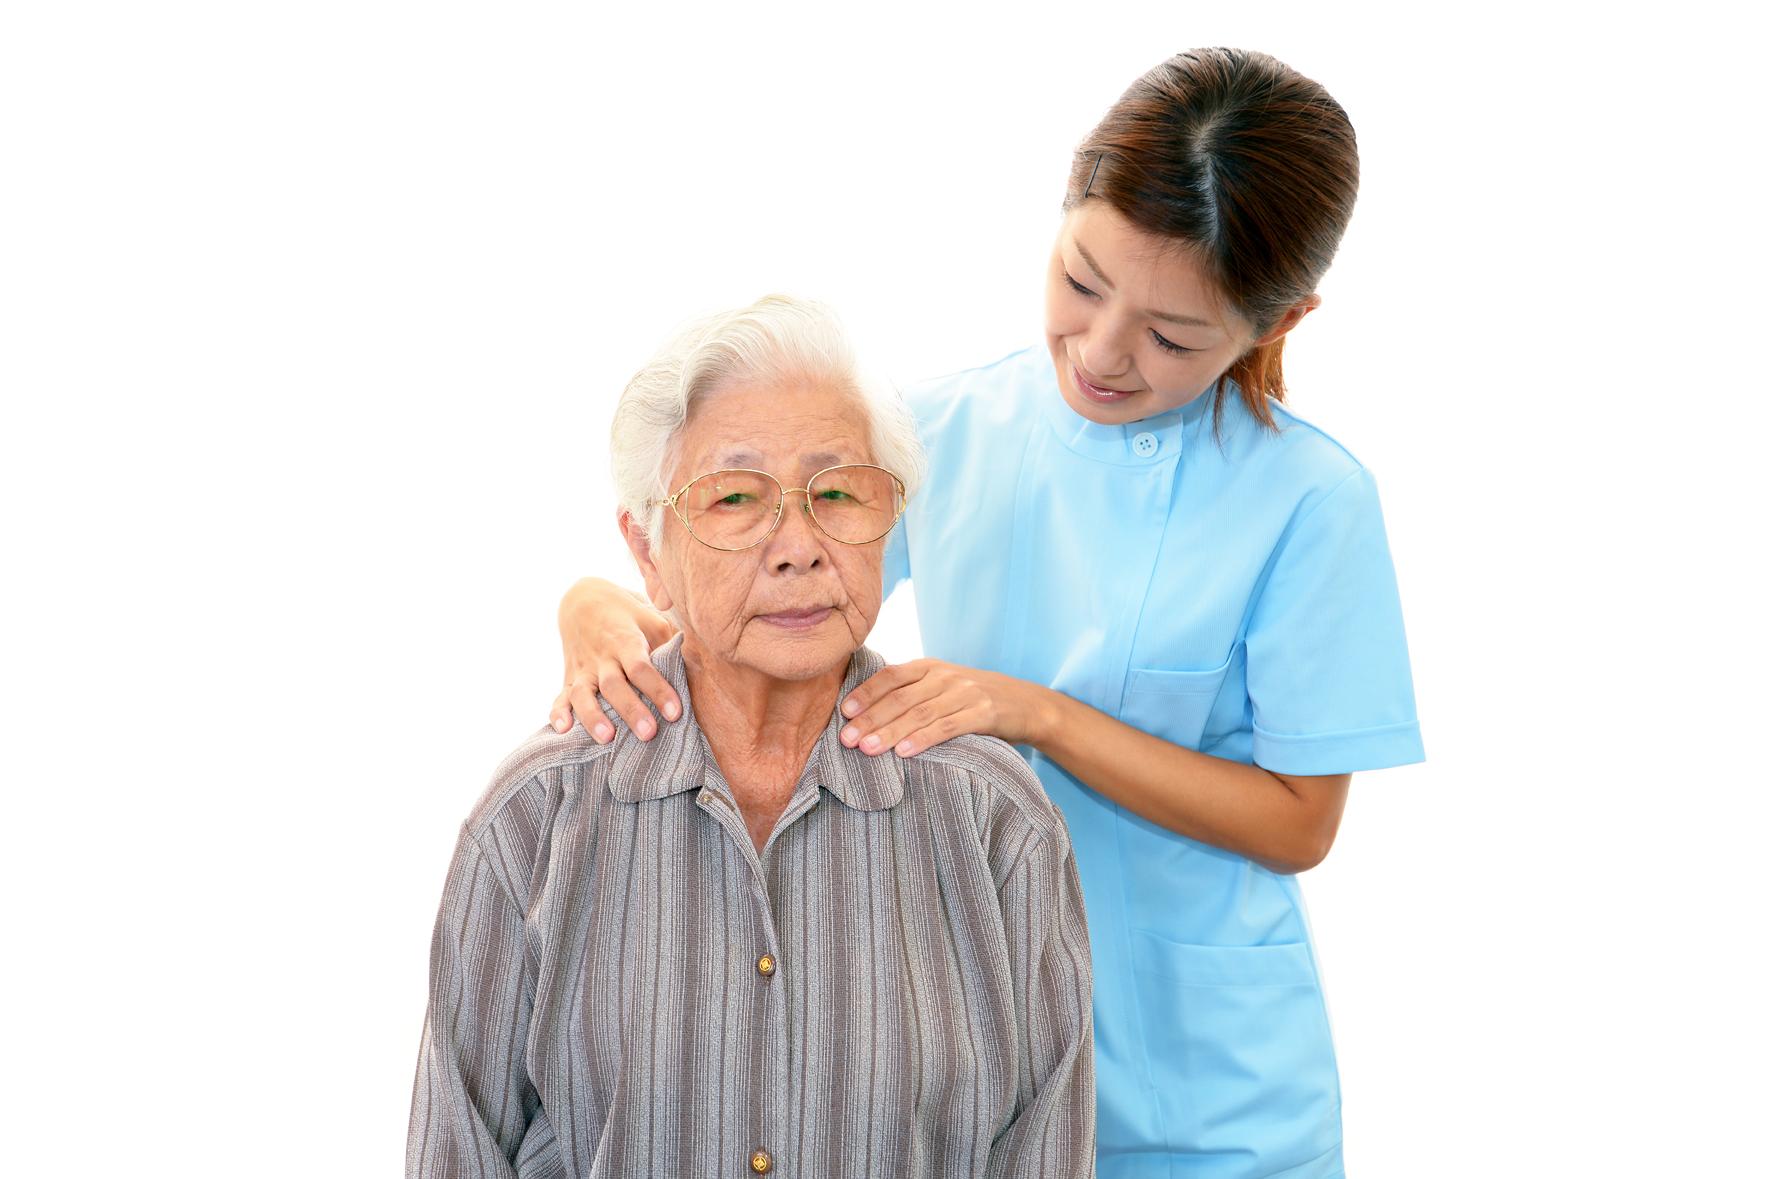 Điều dưỡng cần có tình yêu với nghề